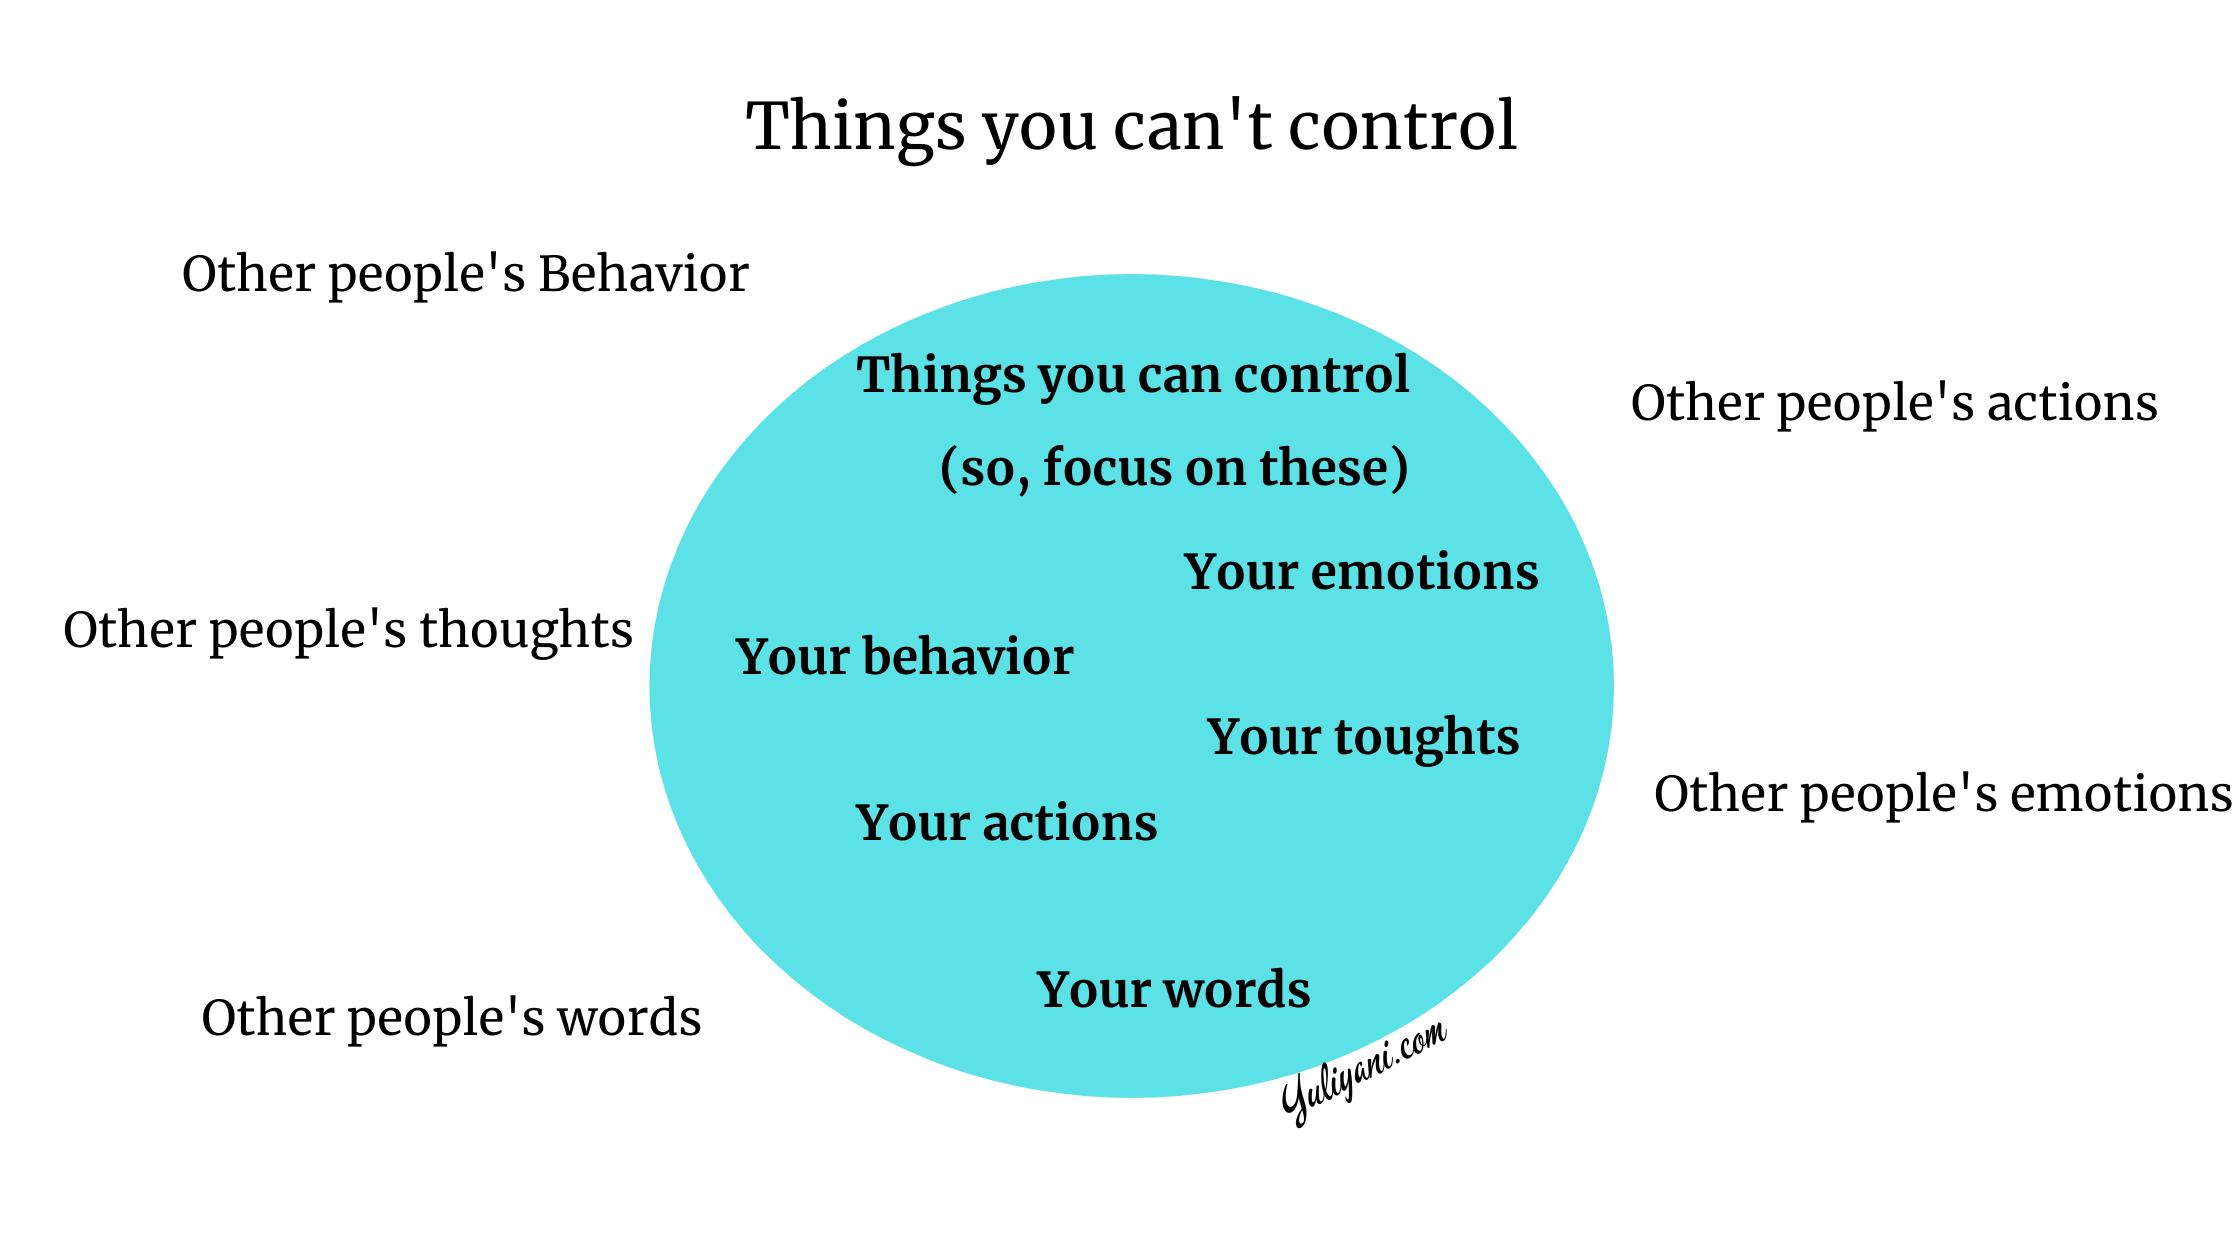 Cara Berhenti Menghawatirkan Apa yang Tidak Dapat Kita Ubah